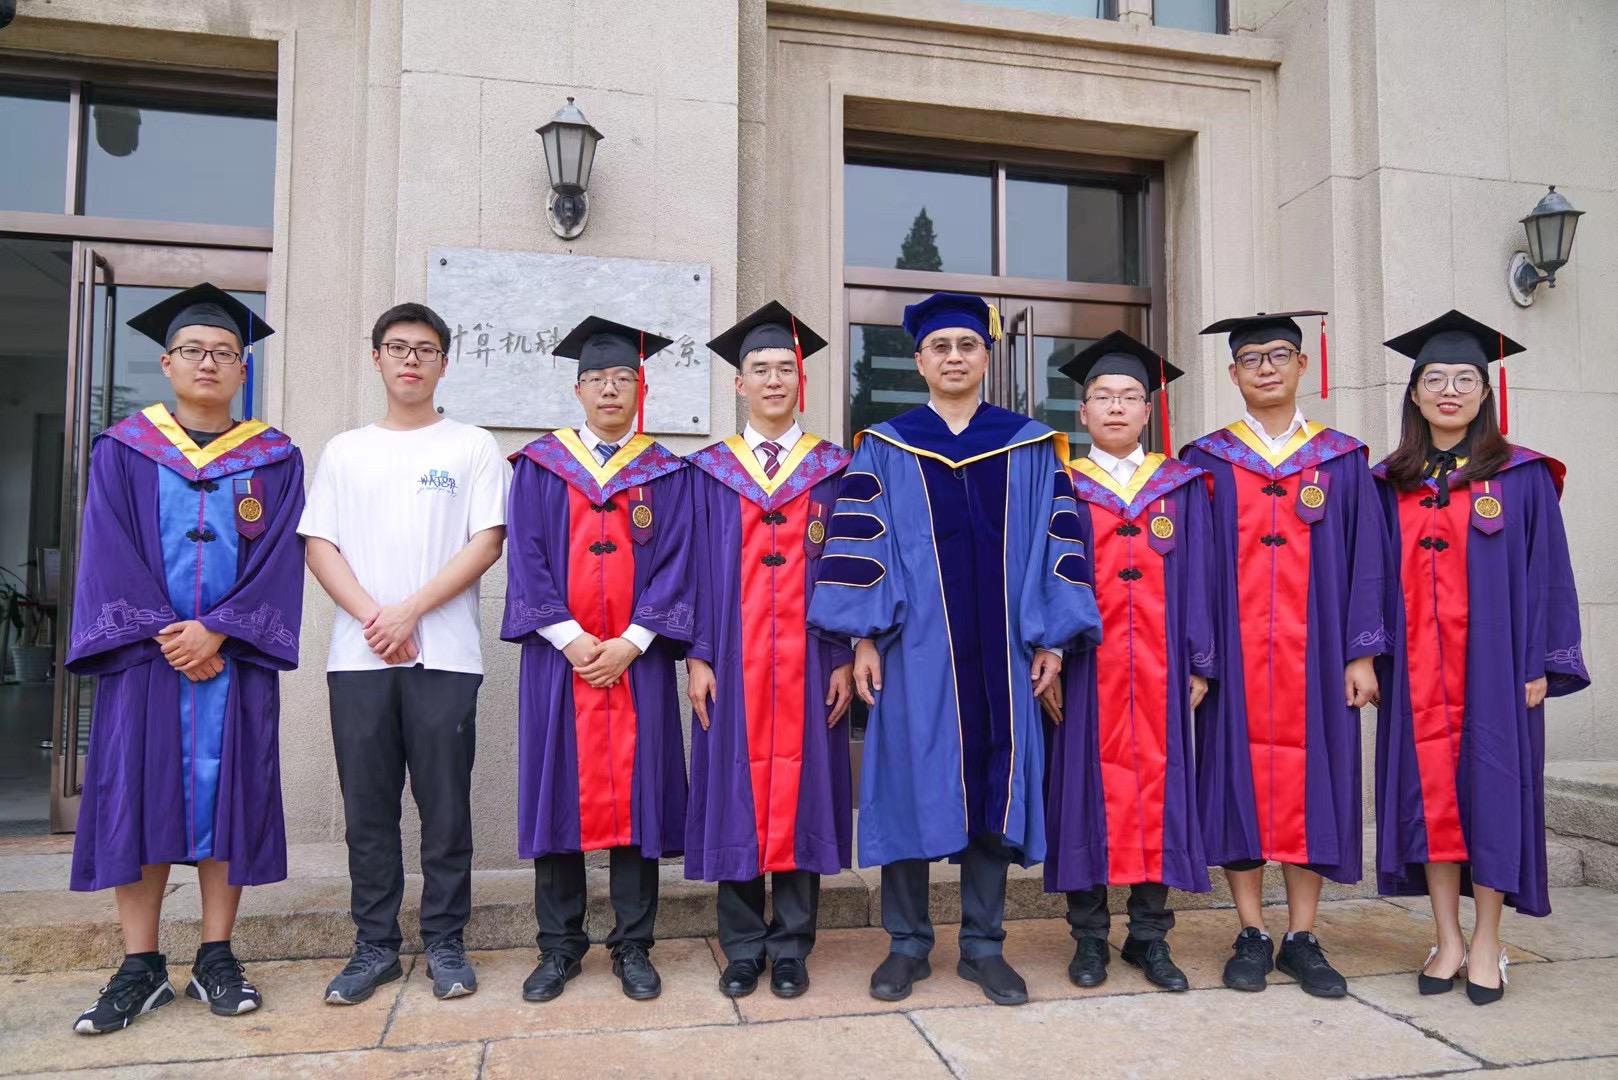 Congrats to Yao, Yingzhuo, Weibin, Minghua, Ya, Ping and Yuan on their graduation!